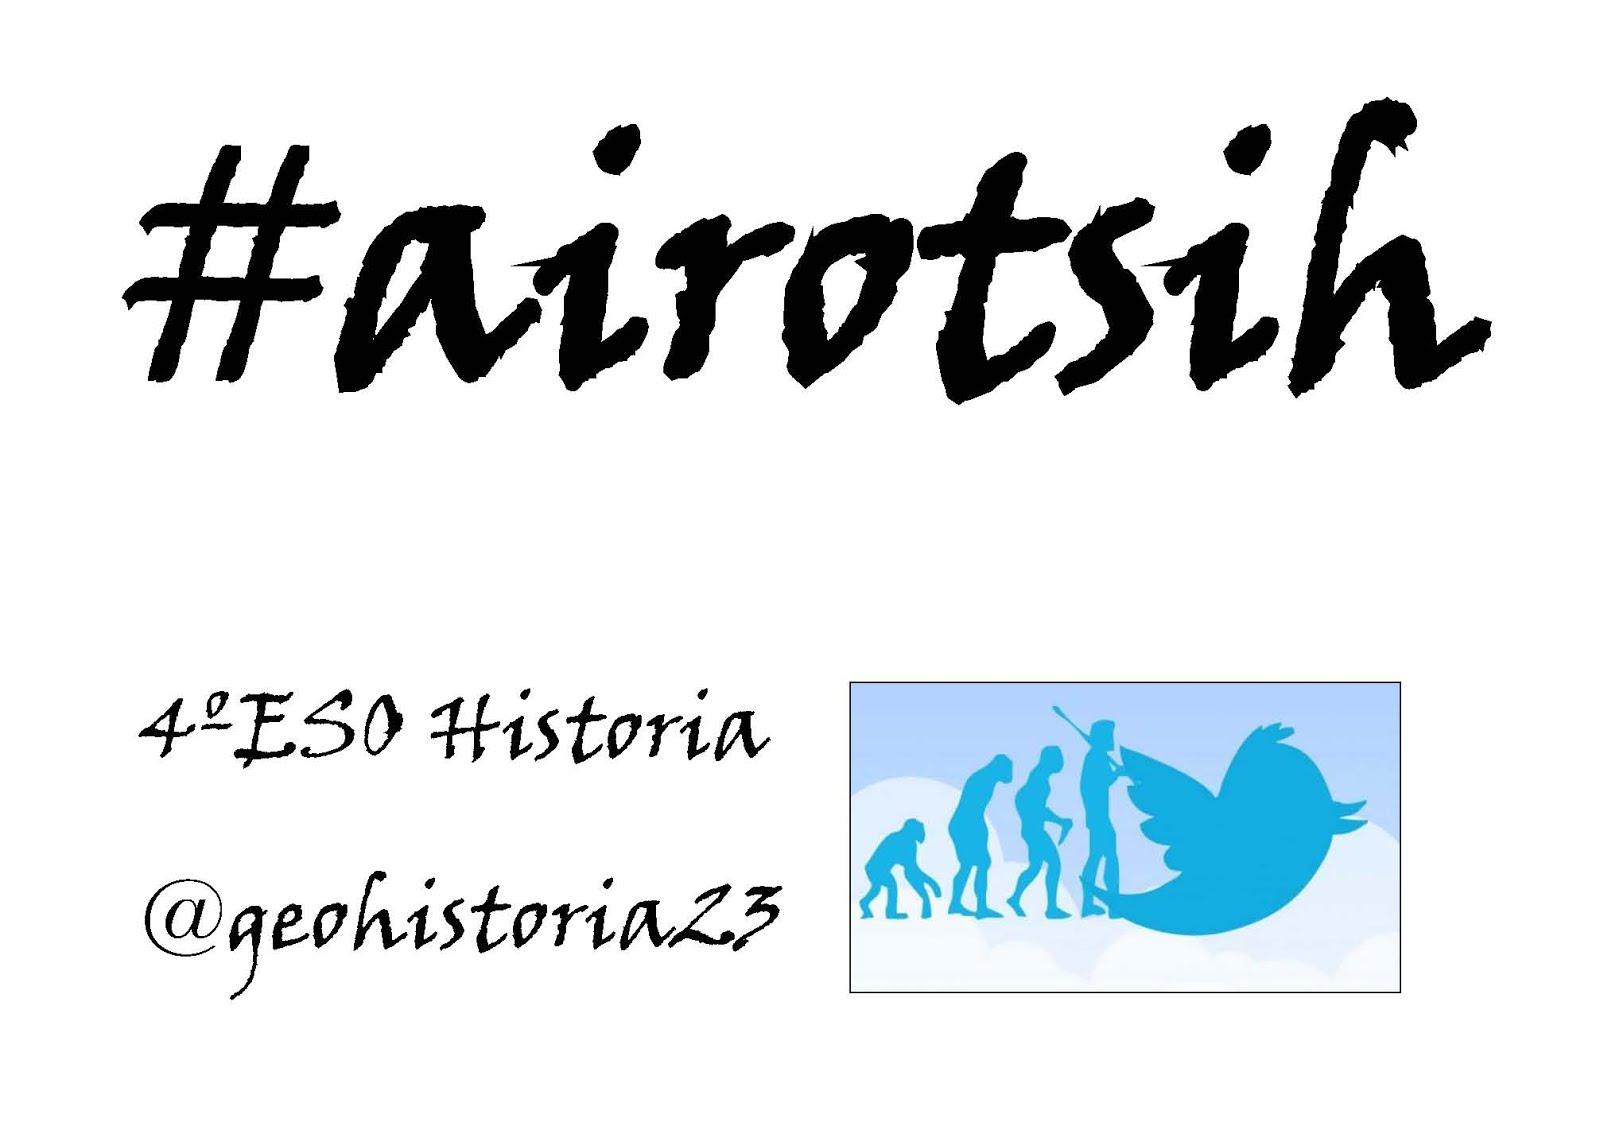 hashtag 4ºESO Historia